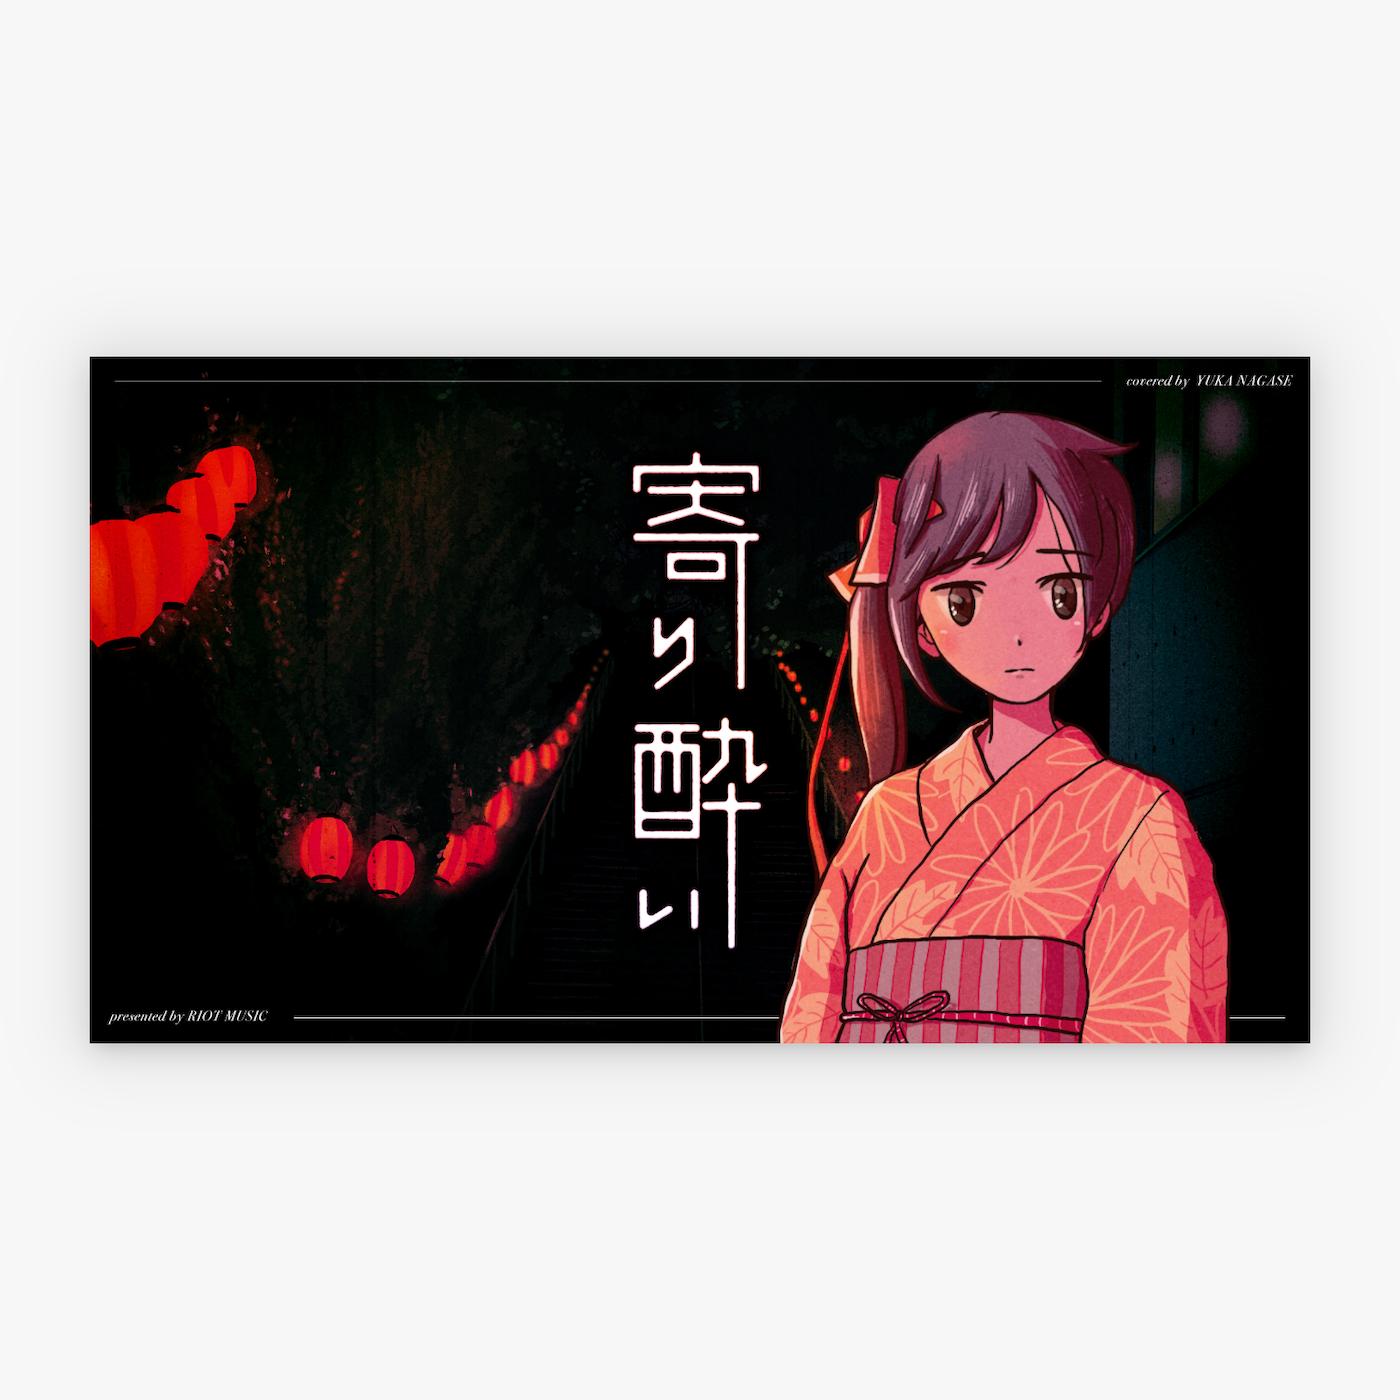 寄り酔い(サムネイルデザイン)